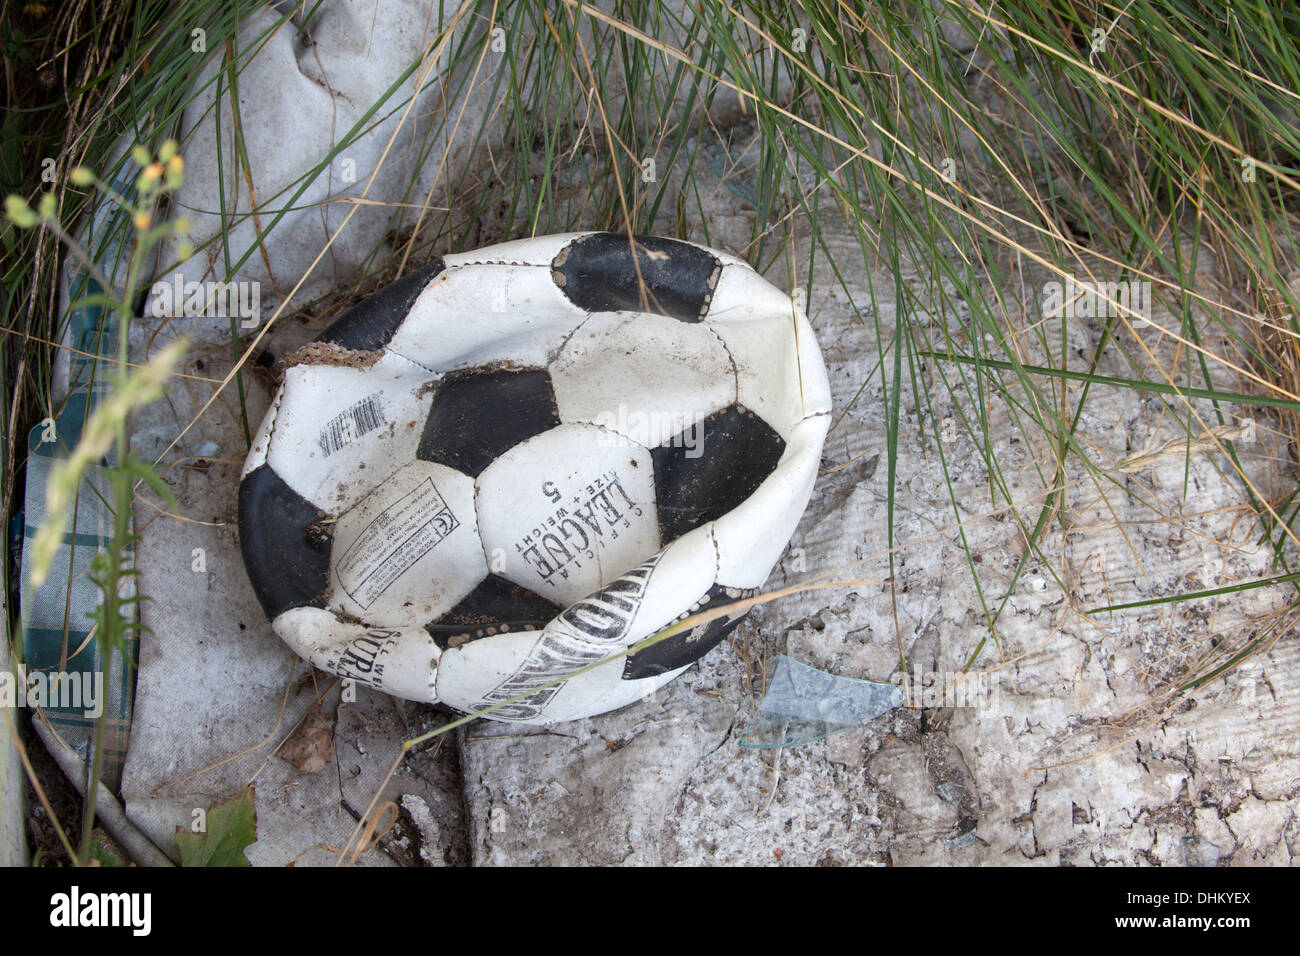 Ballon de foot dégonflé jetés. Zawady Centre de la Pologne Photo Stock